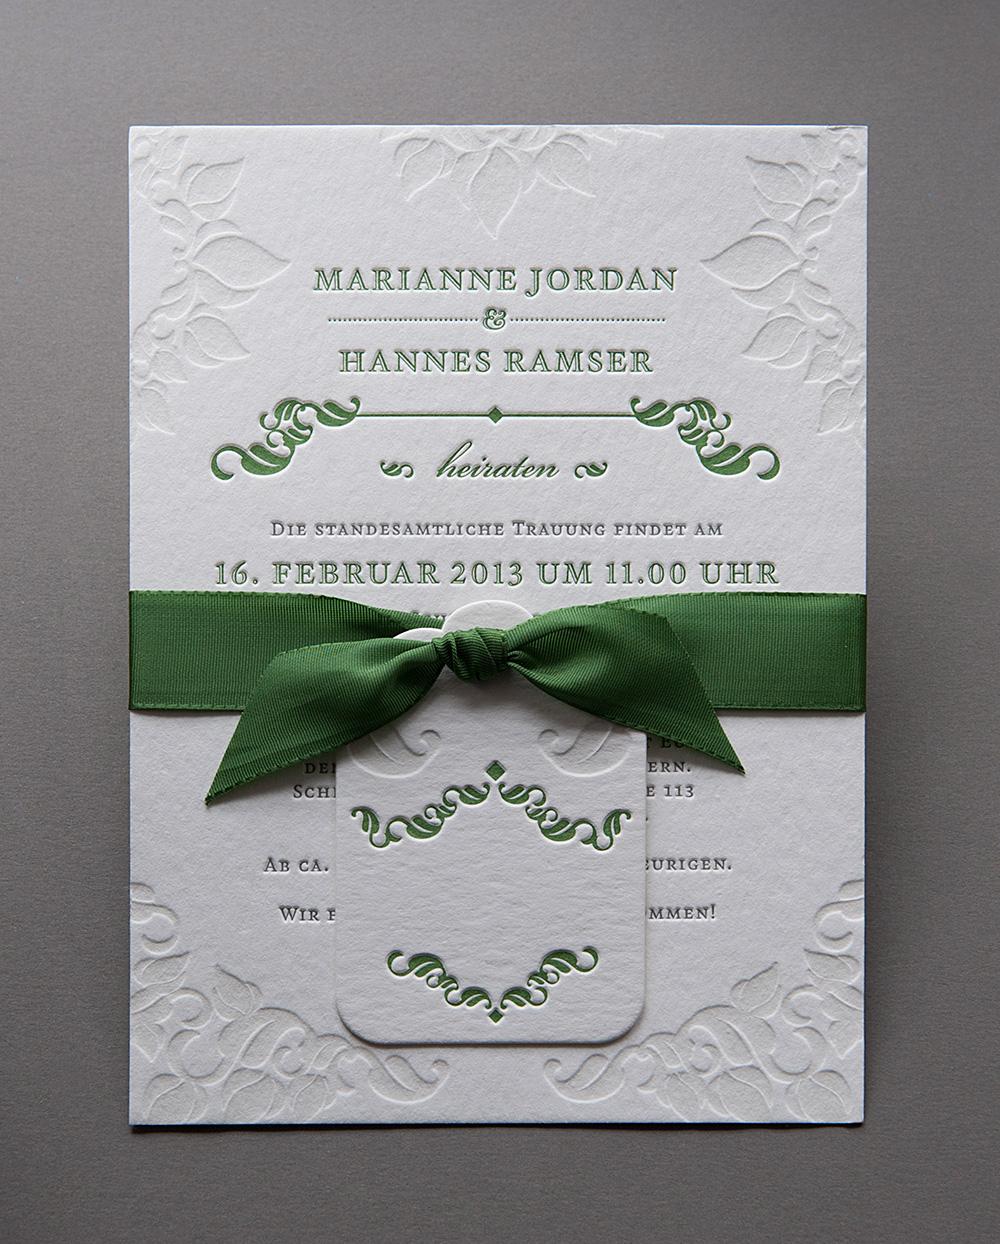 Hochzeit Marianne & Hannes